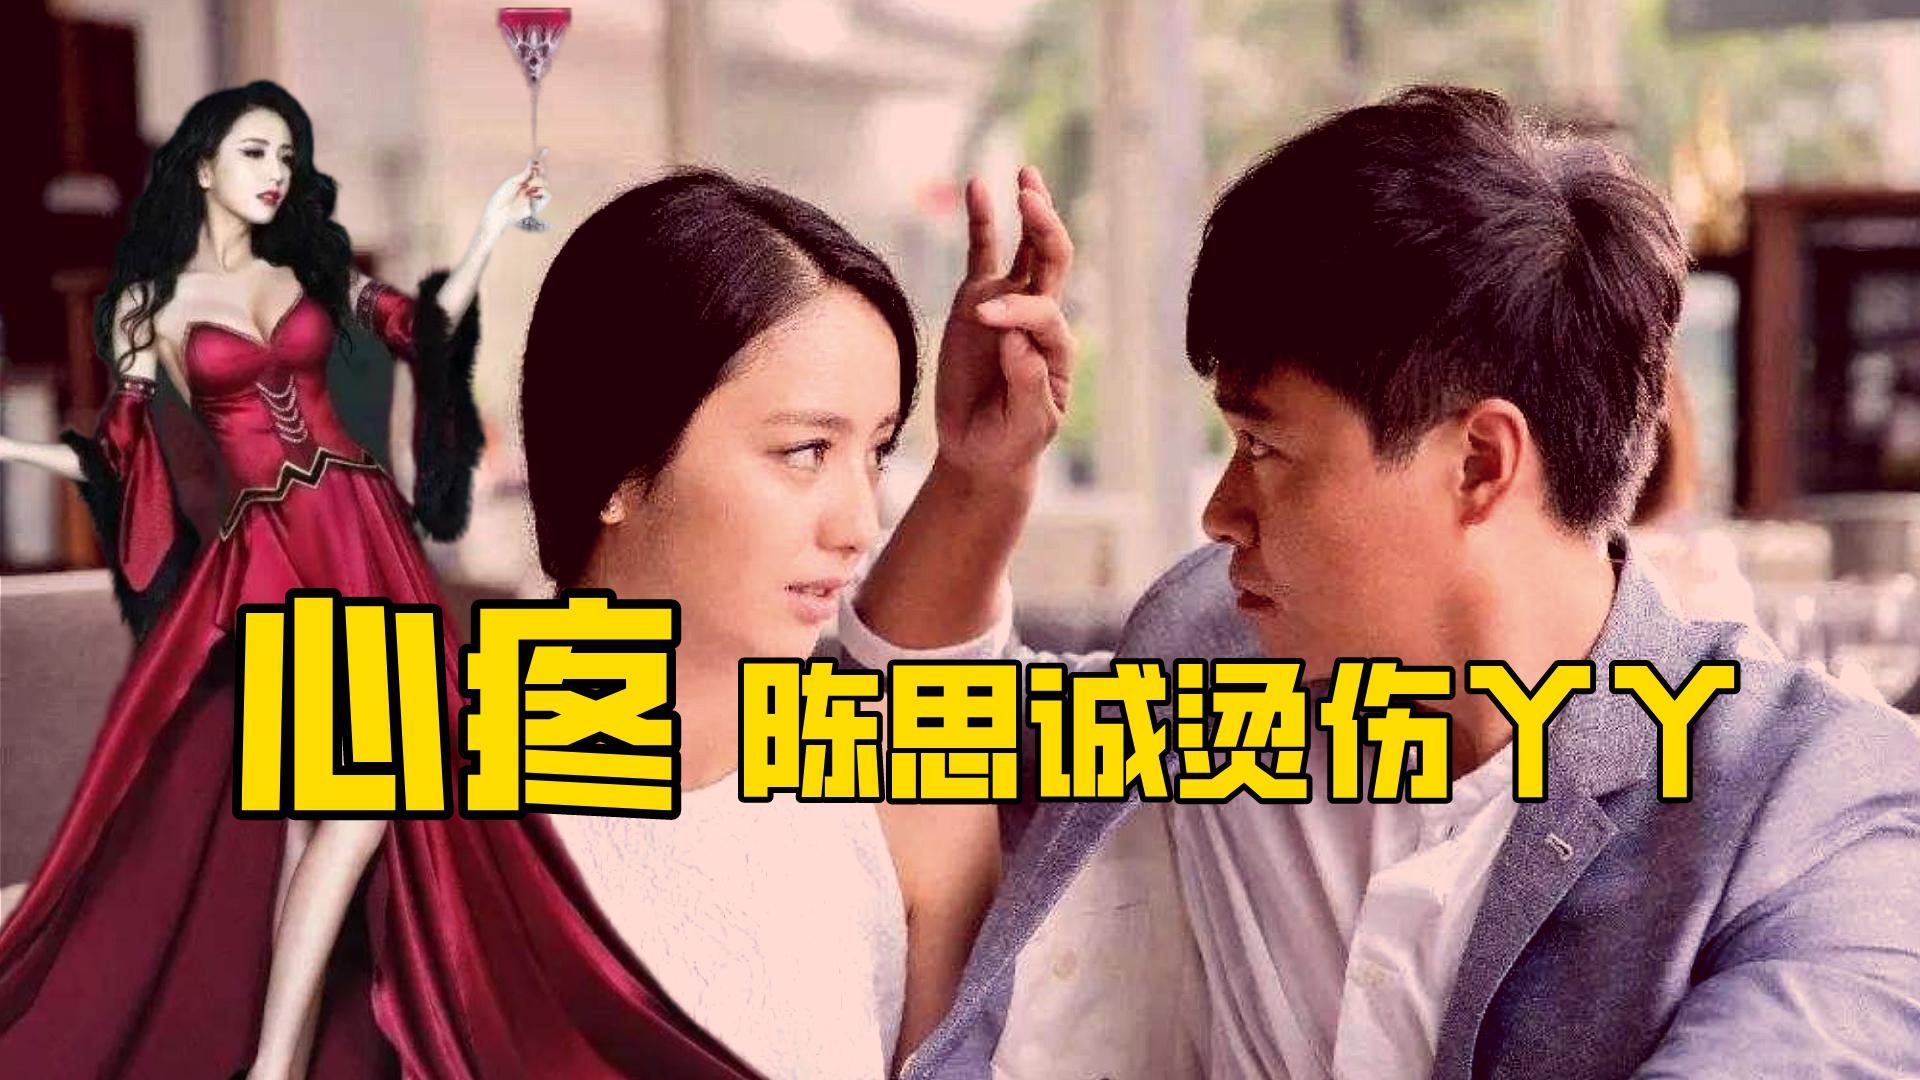 陈思诚自爆用烟头烫伤佟丽娅,还觉得有意思,网友:怎么不打死他